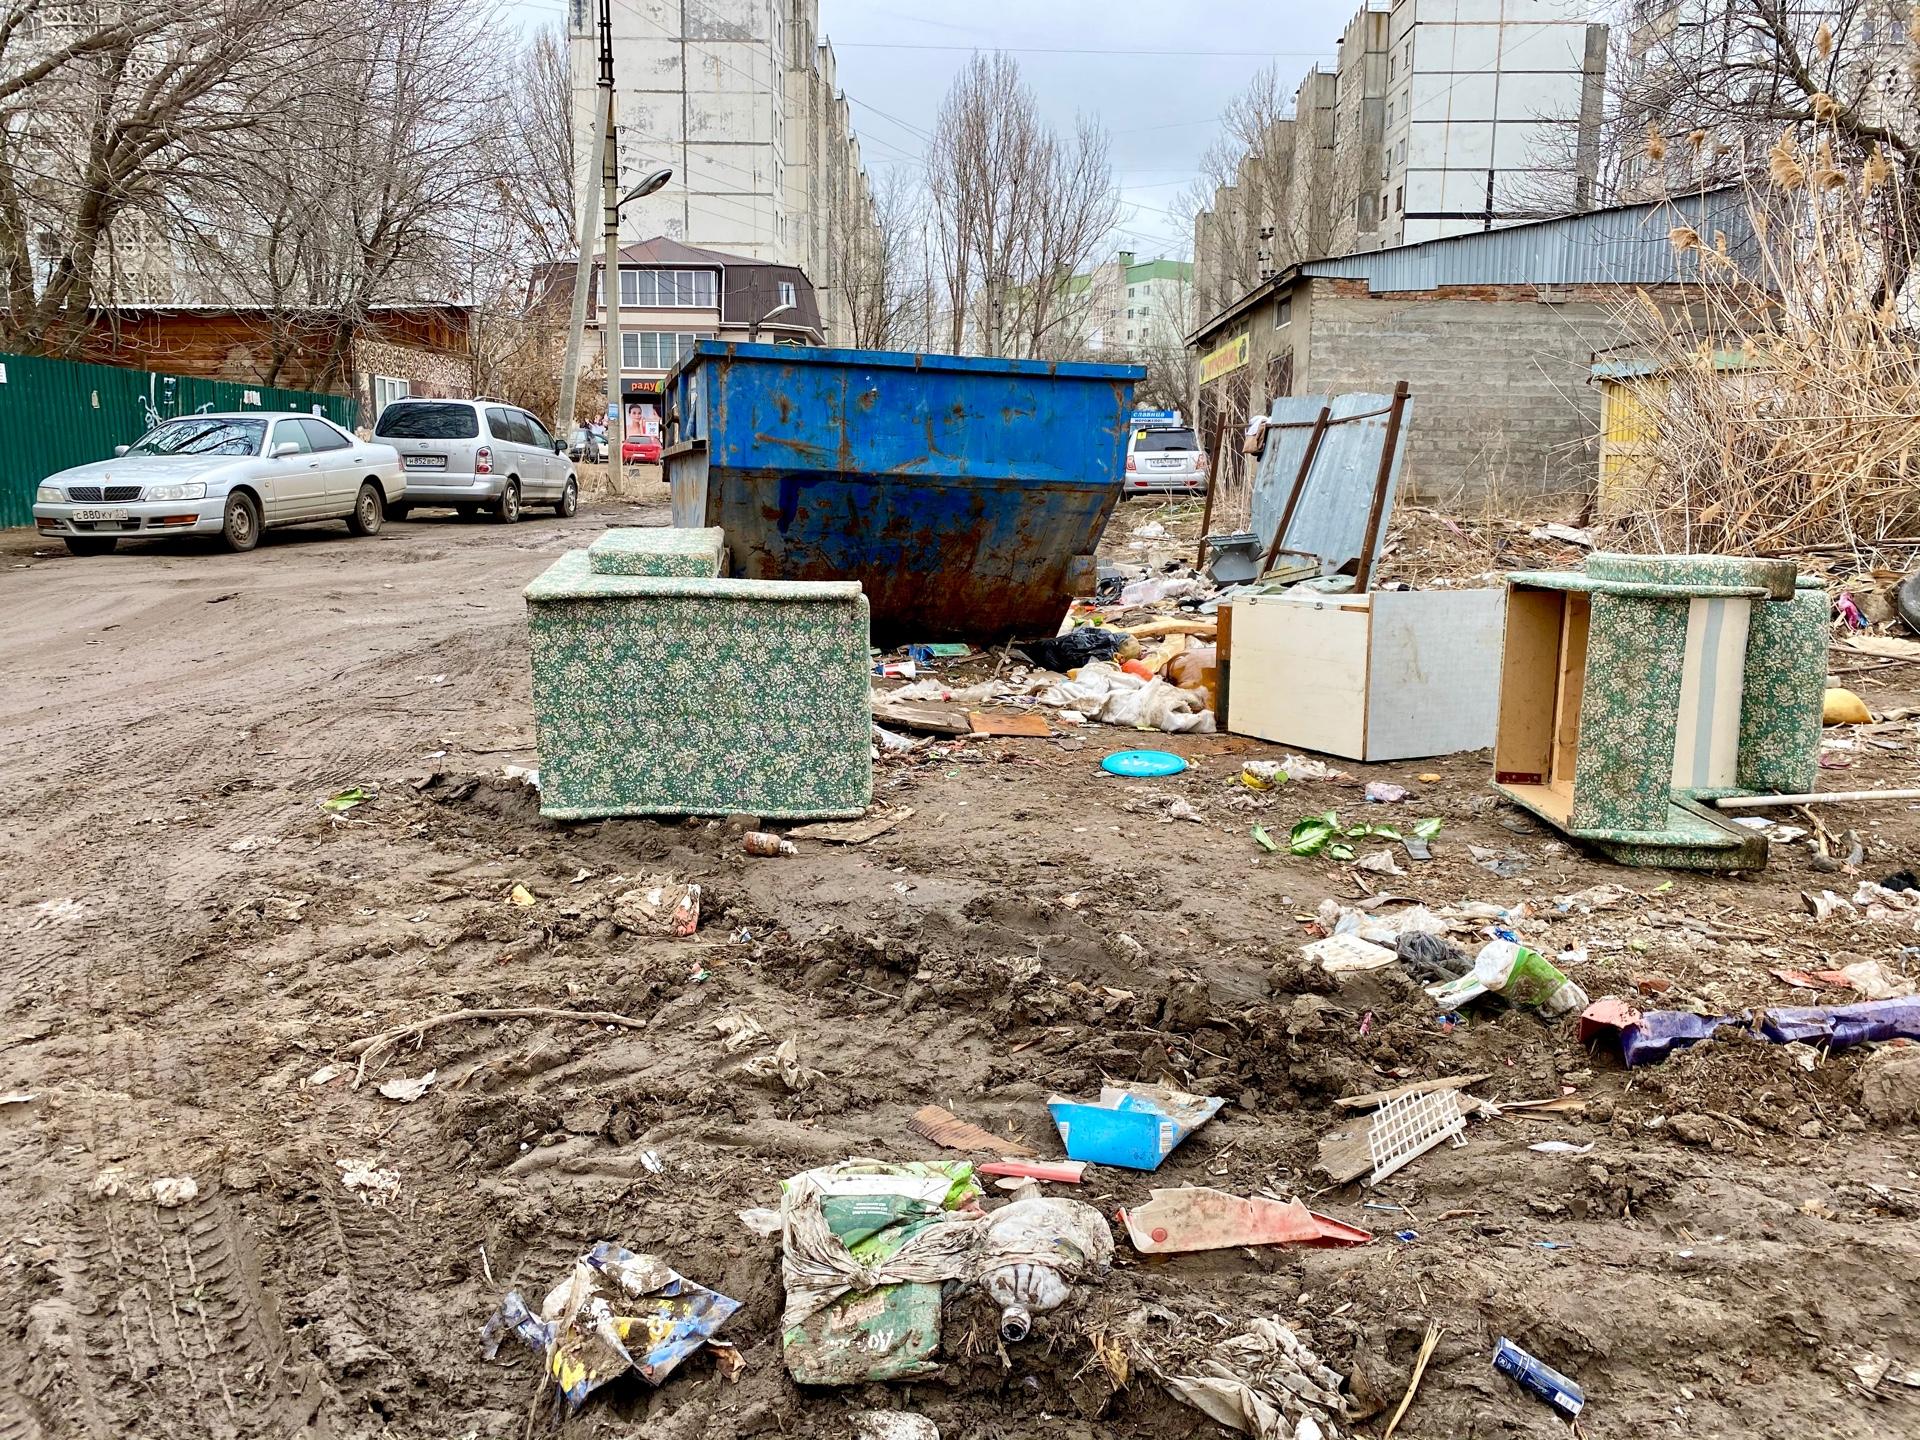 image 26 03 21 04 40 3 В Астрахани ликвидировали несанкционированную свалку